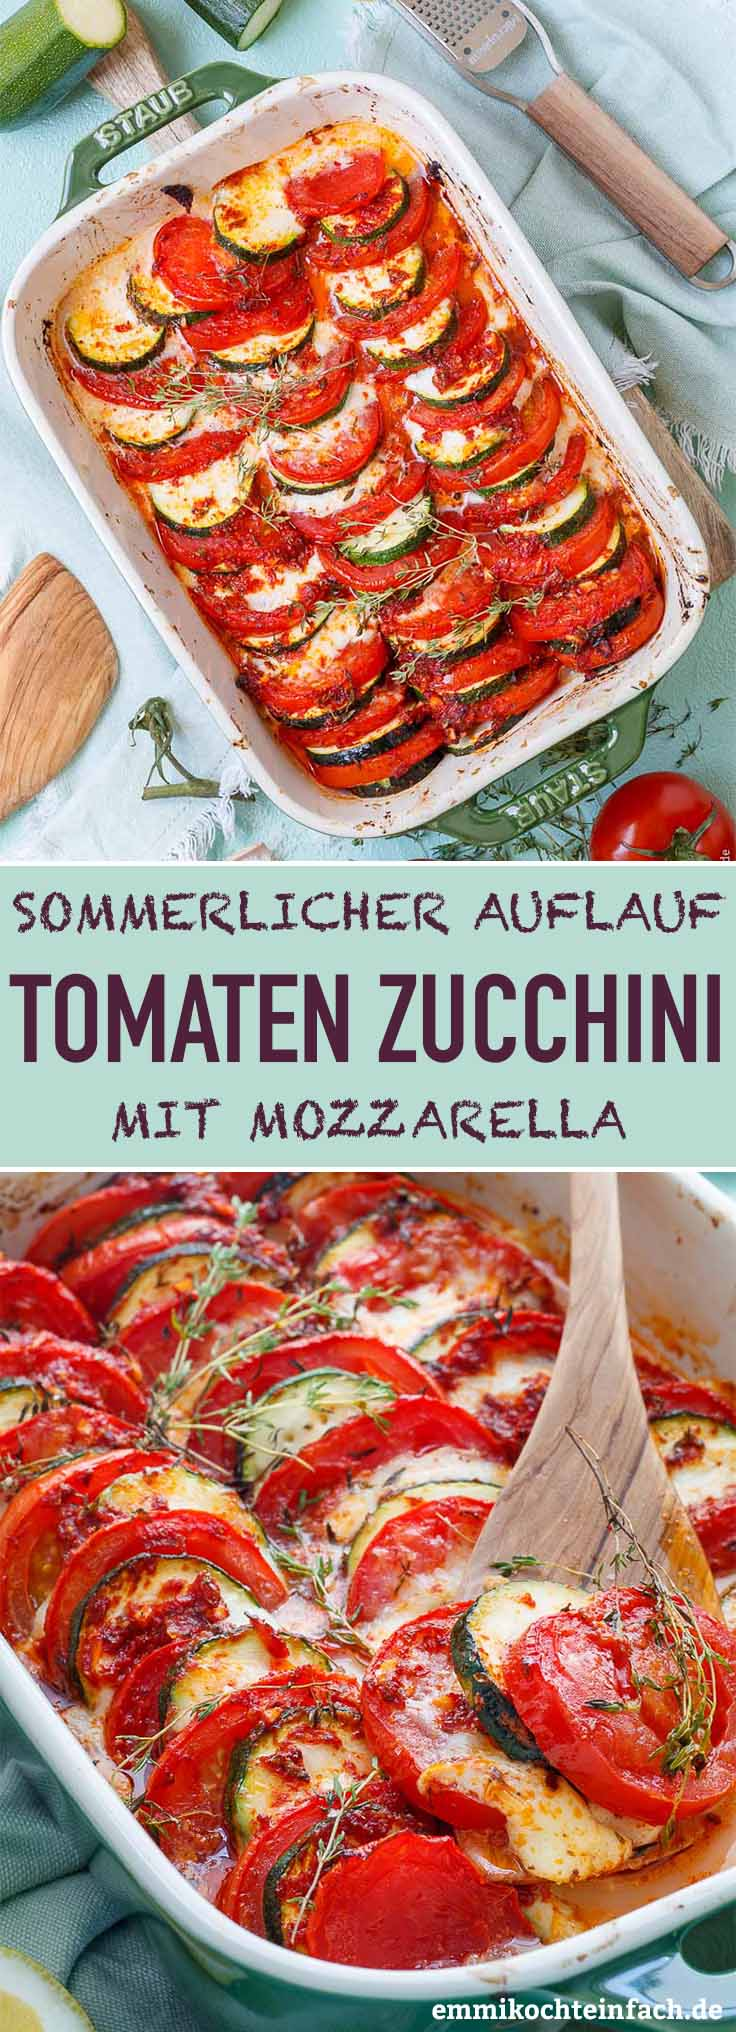 Tomaten Zucchini Auflauf mit Mozzarella - www.emmikochteinfach.de